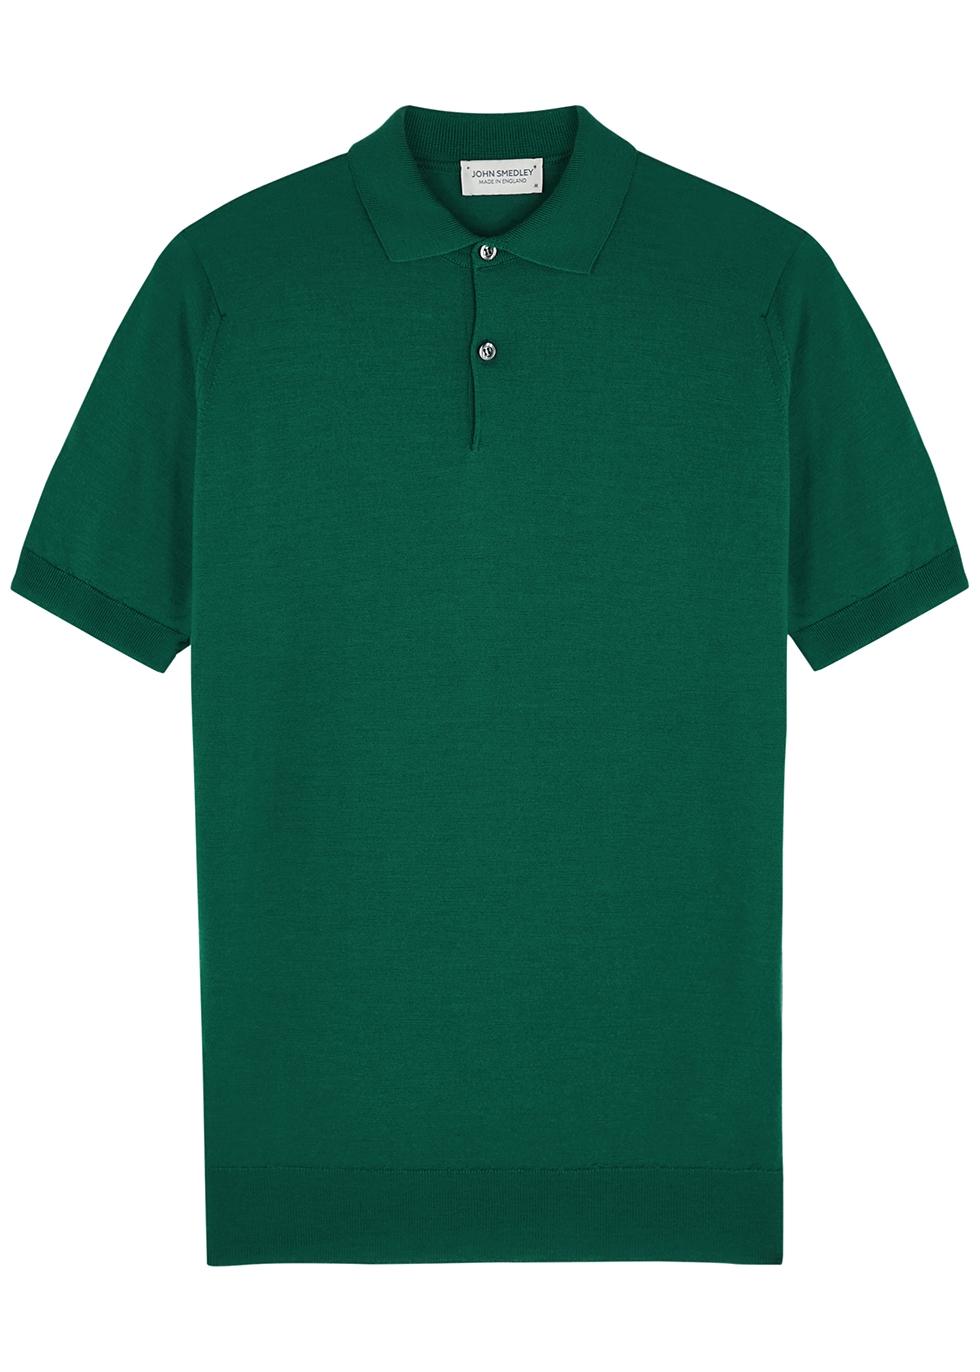 Payton emerald wool polo shirt